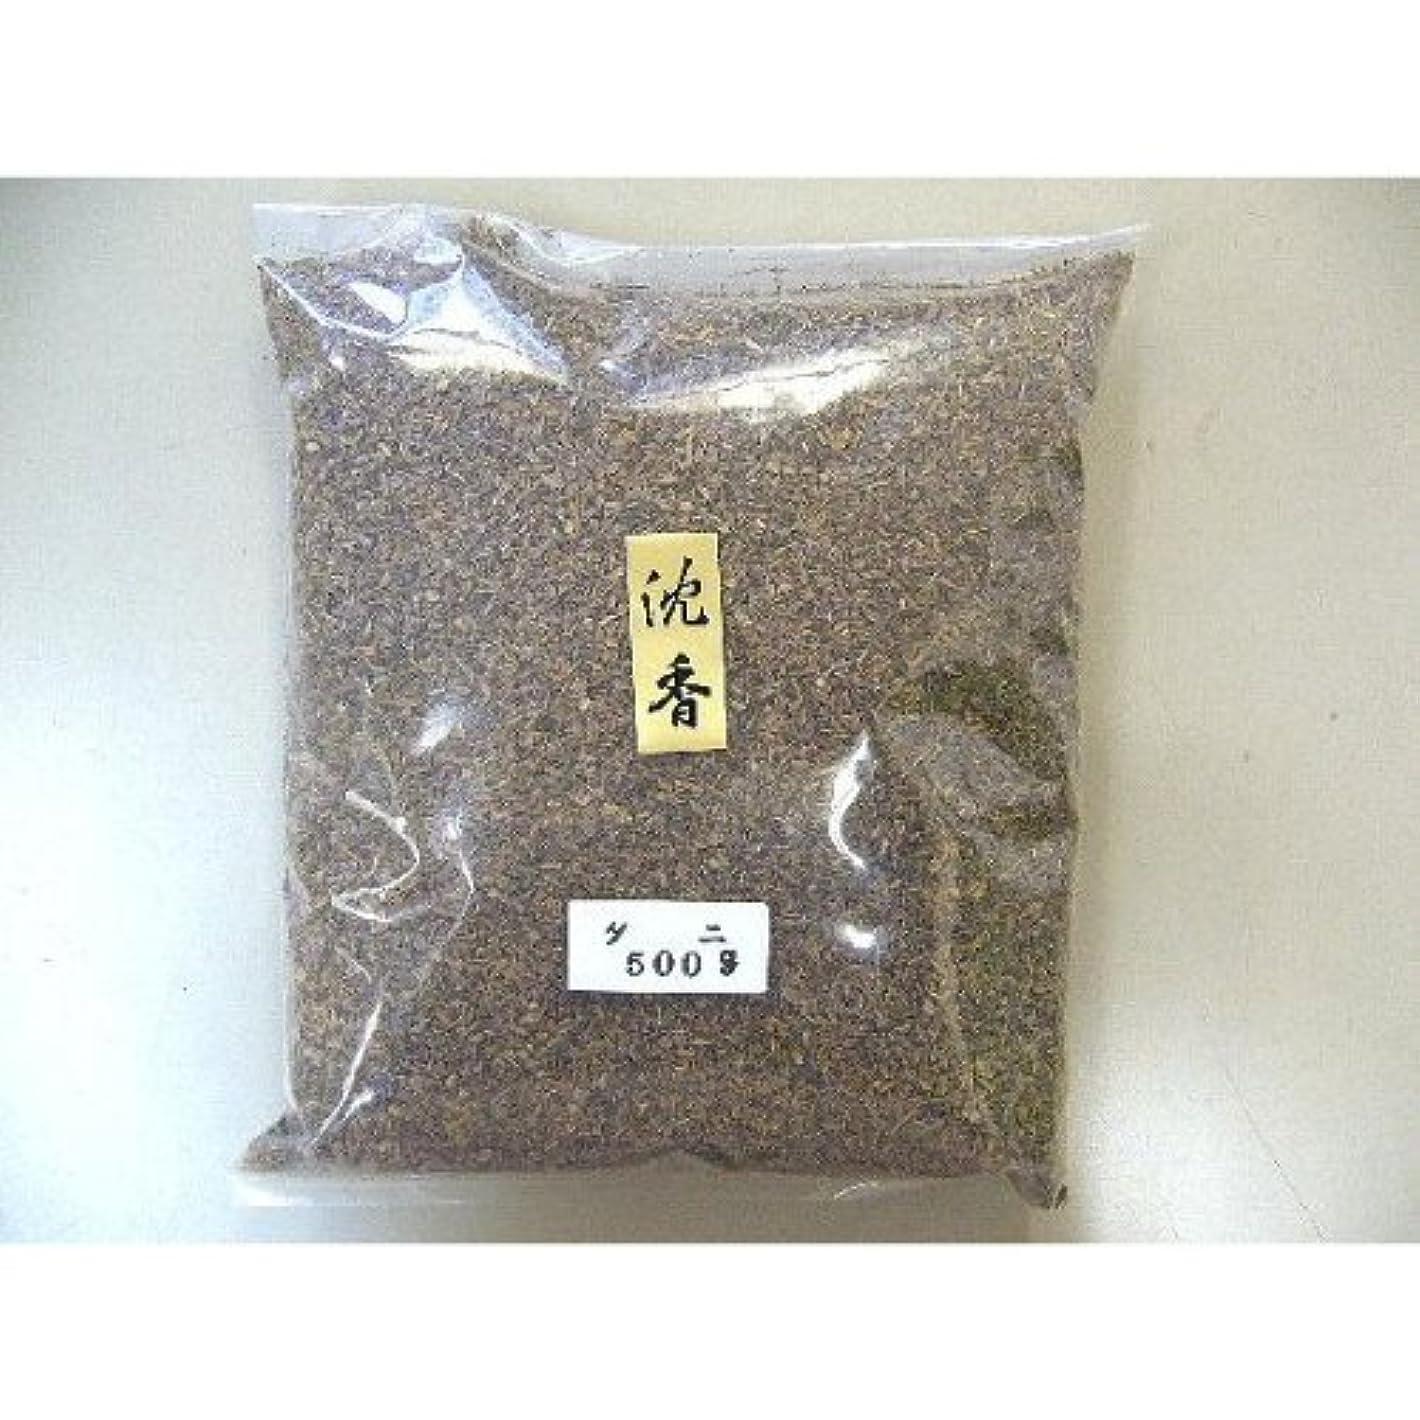 乳製品顧問医師インドネシア産 タニ沈香(刻み)500gビニ-ル袋入